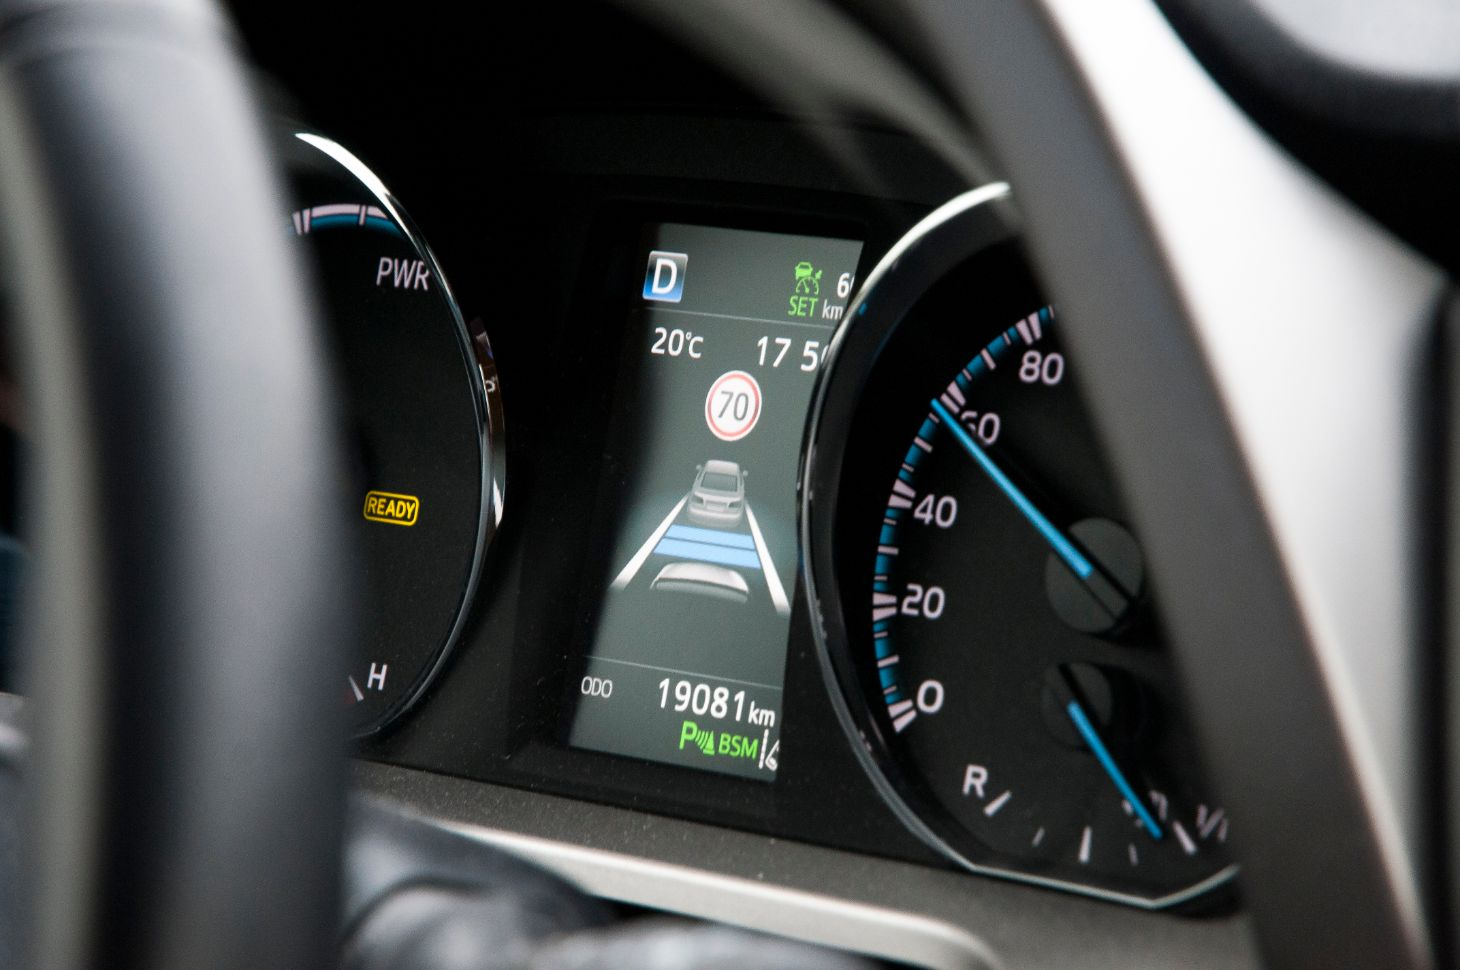 painel digital com acc adaptive cruise control e limite de velocidade projetados shutterstock